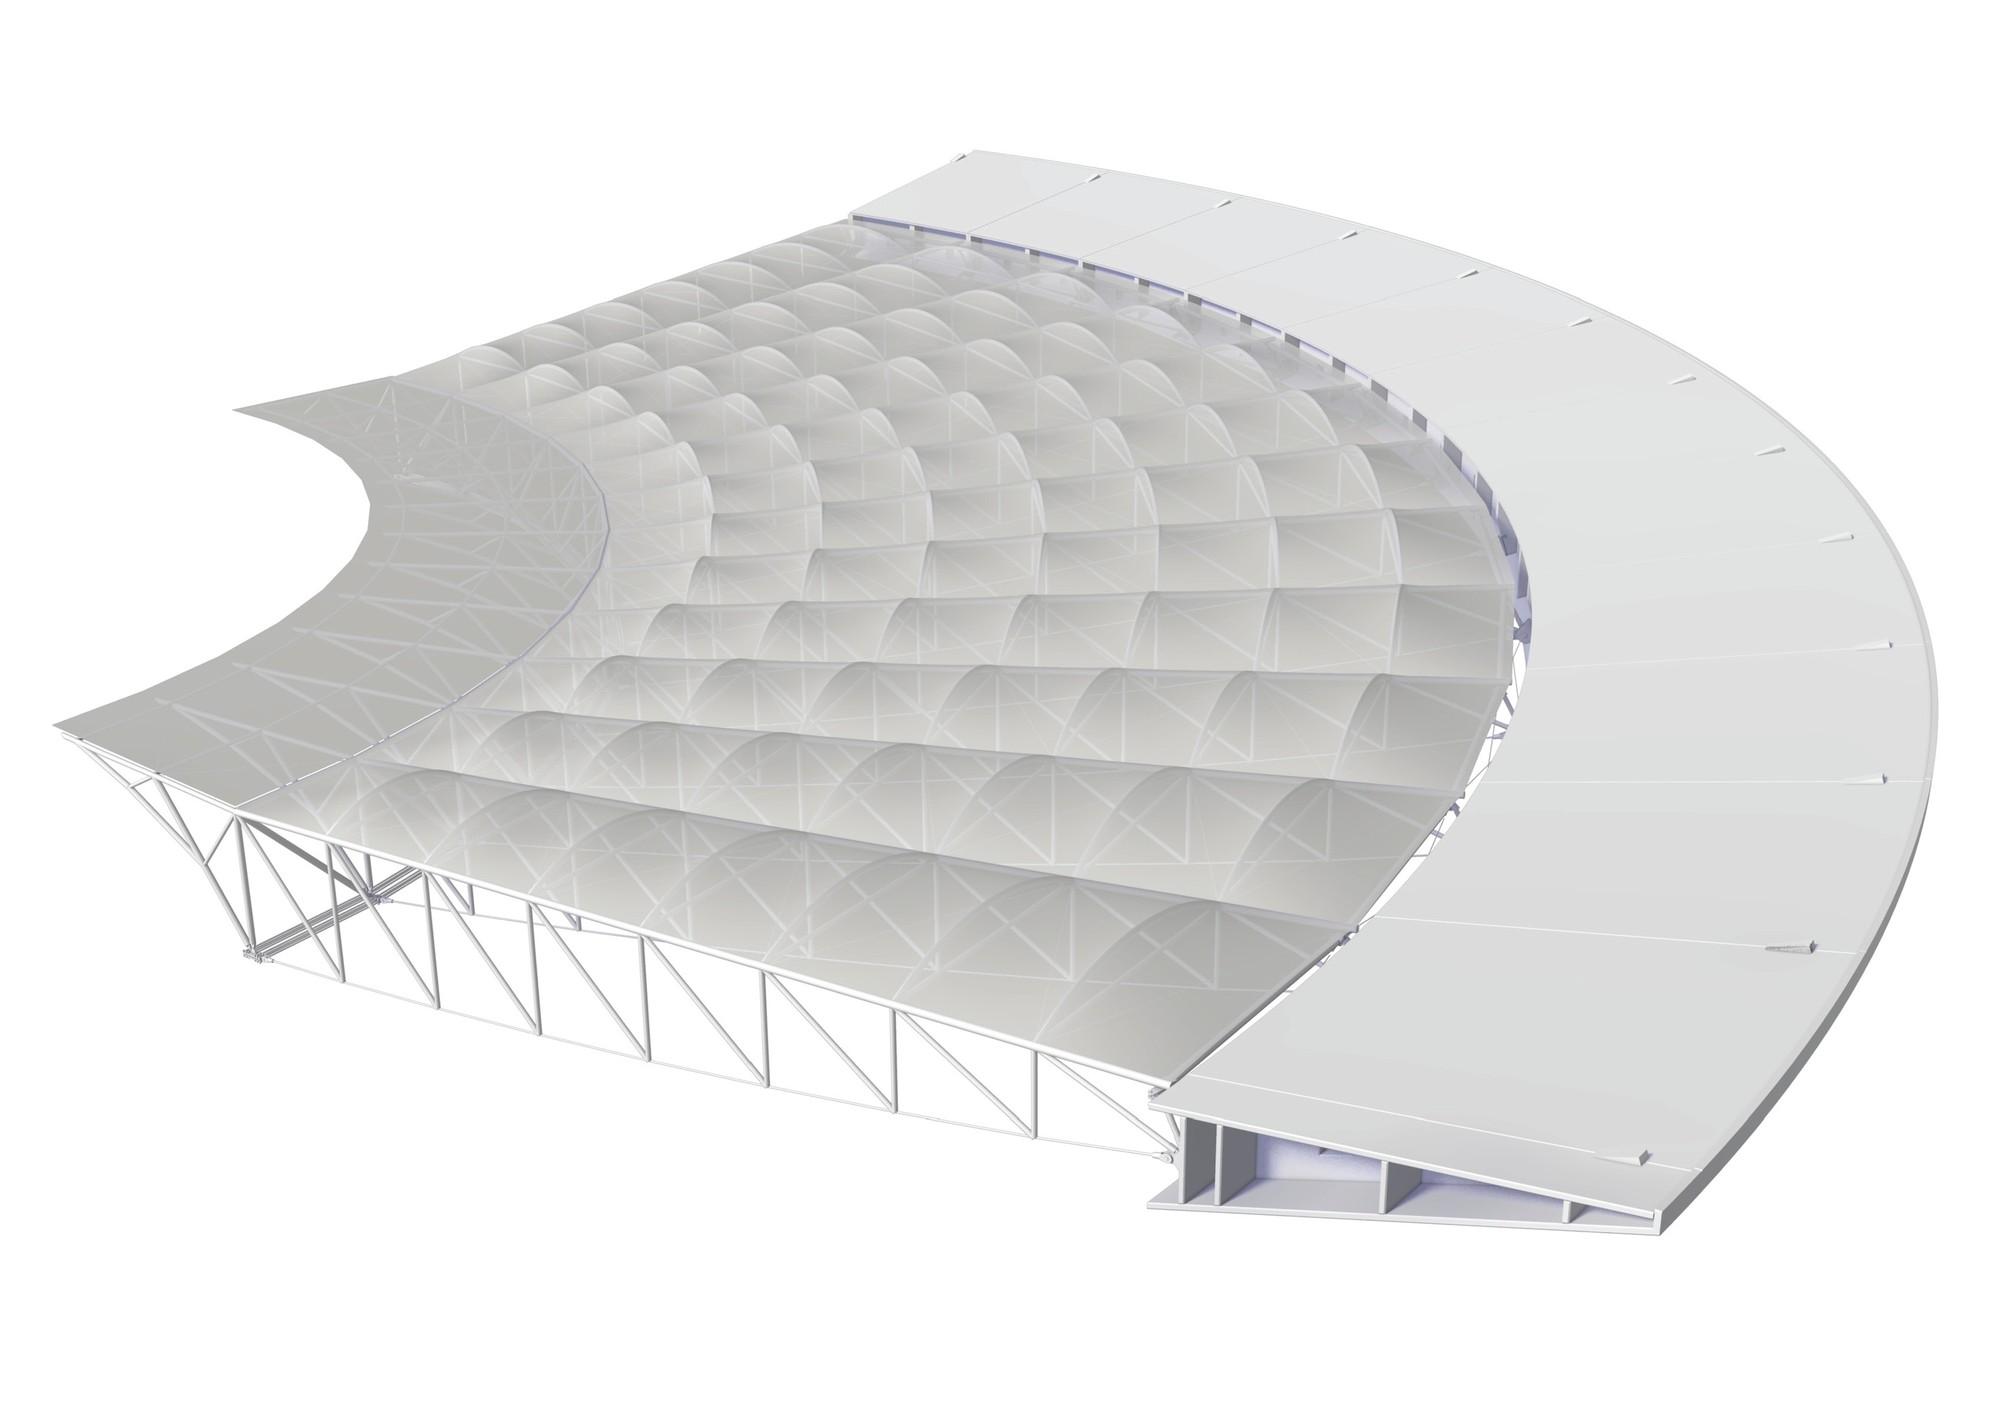 Maracanã Stadium Roof Structure,Diagram